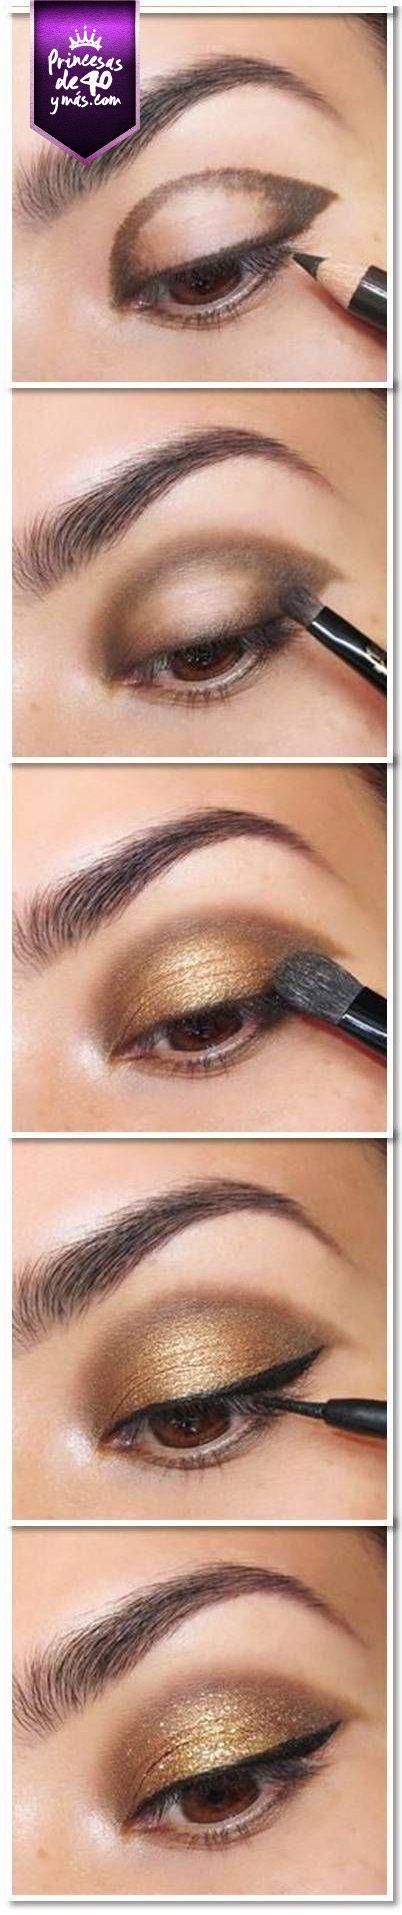 Aquí un tutorial detallado para llenar tus ojos de luz. #PrincesasDe40 #eyes #makeup #Diy